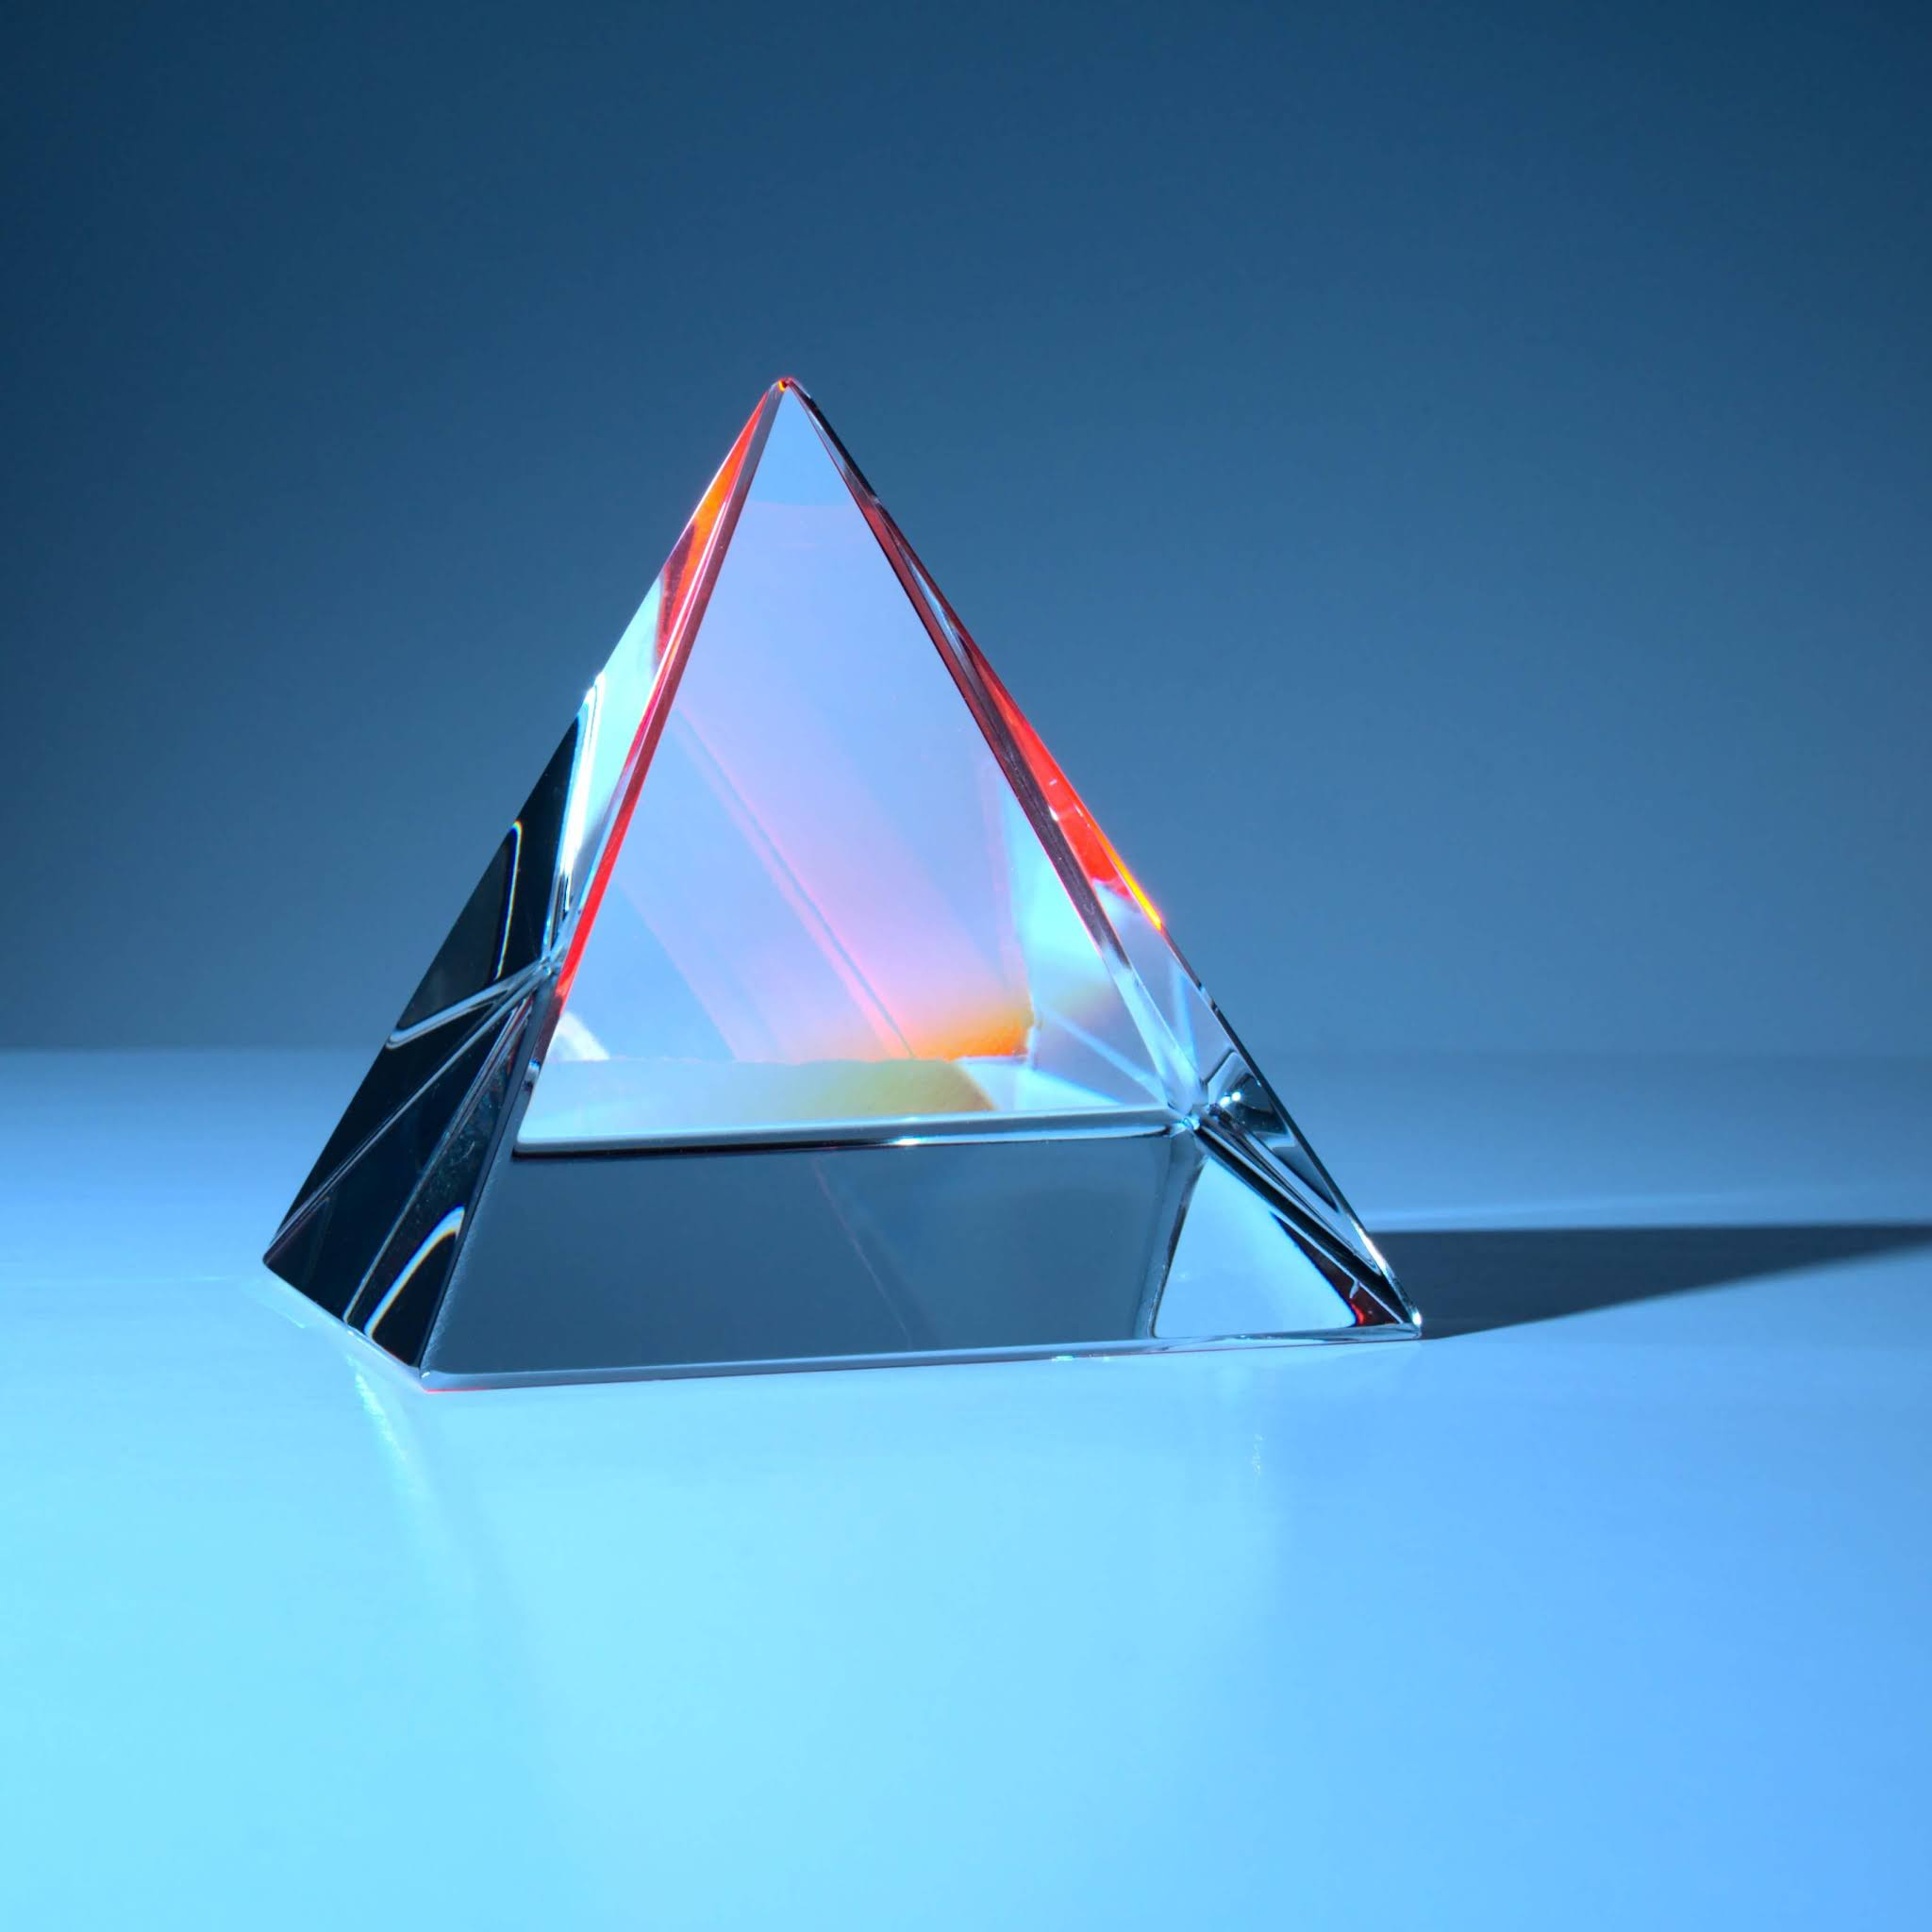 3, triangulo, imaginaçao, verdade, piramide, reflexo, brilhar, manifestação